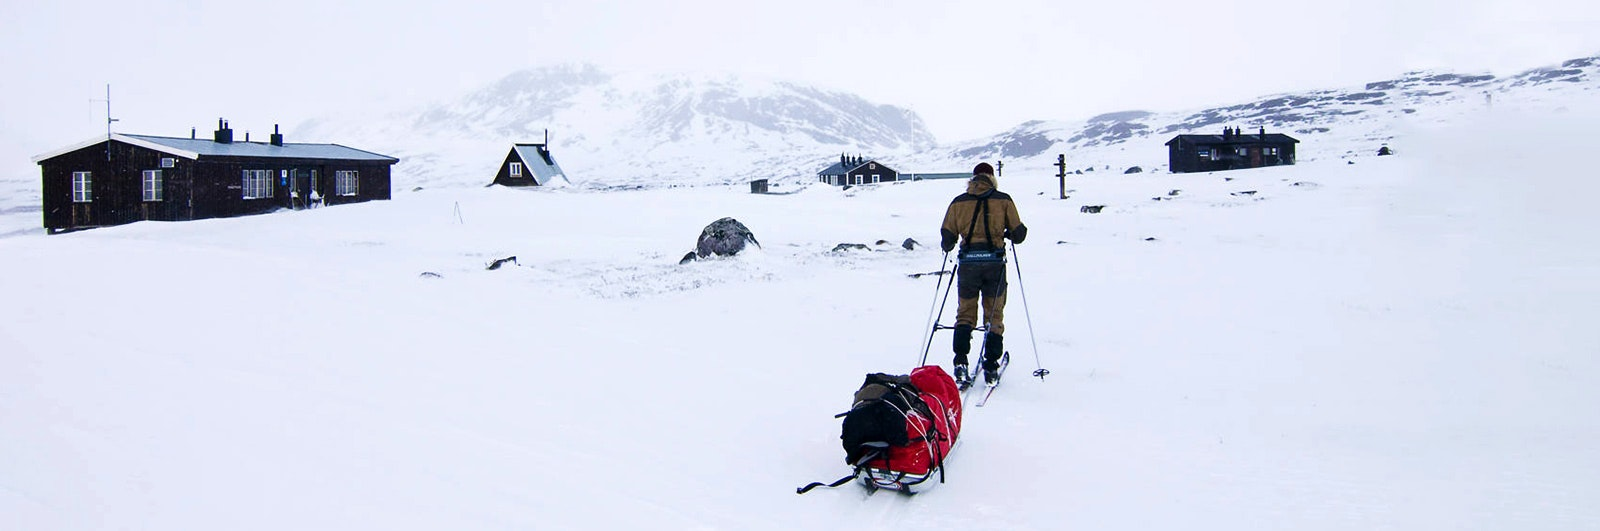 Skidåkare med pulka intill fjällstuga